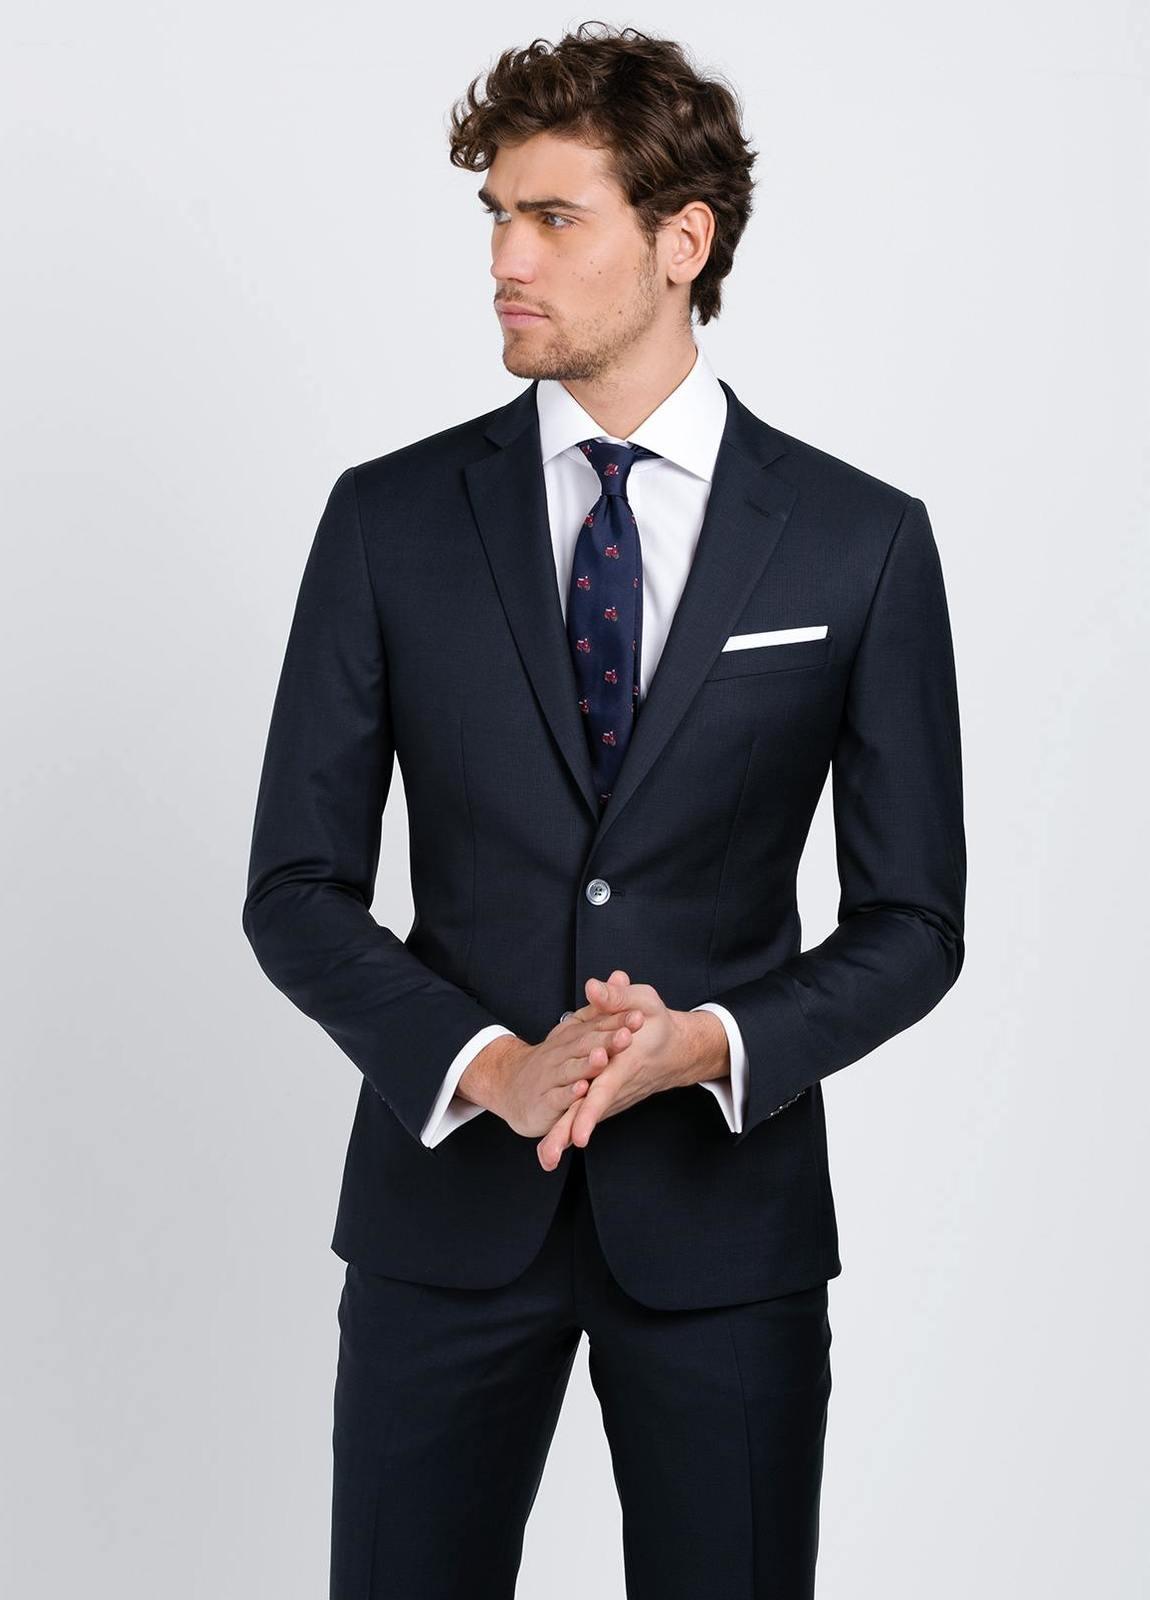 Traje liso SLIM FIT, tejido GUABELLO, color azul marino, 100% Lana fría. - Ítem4